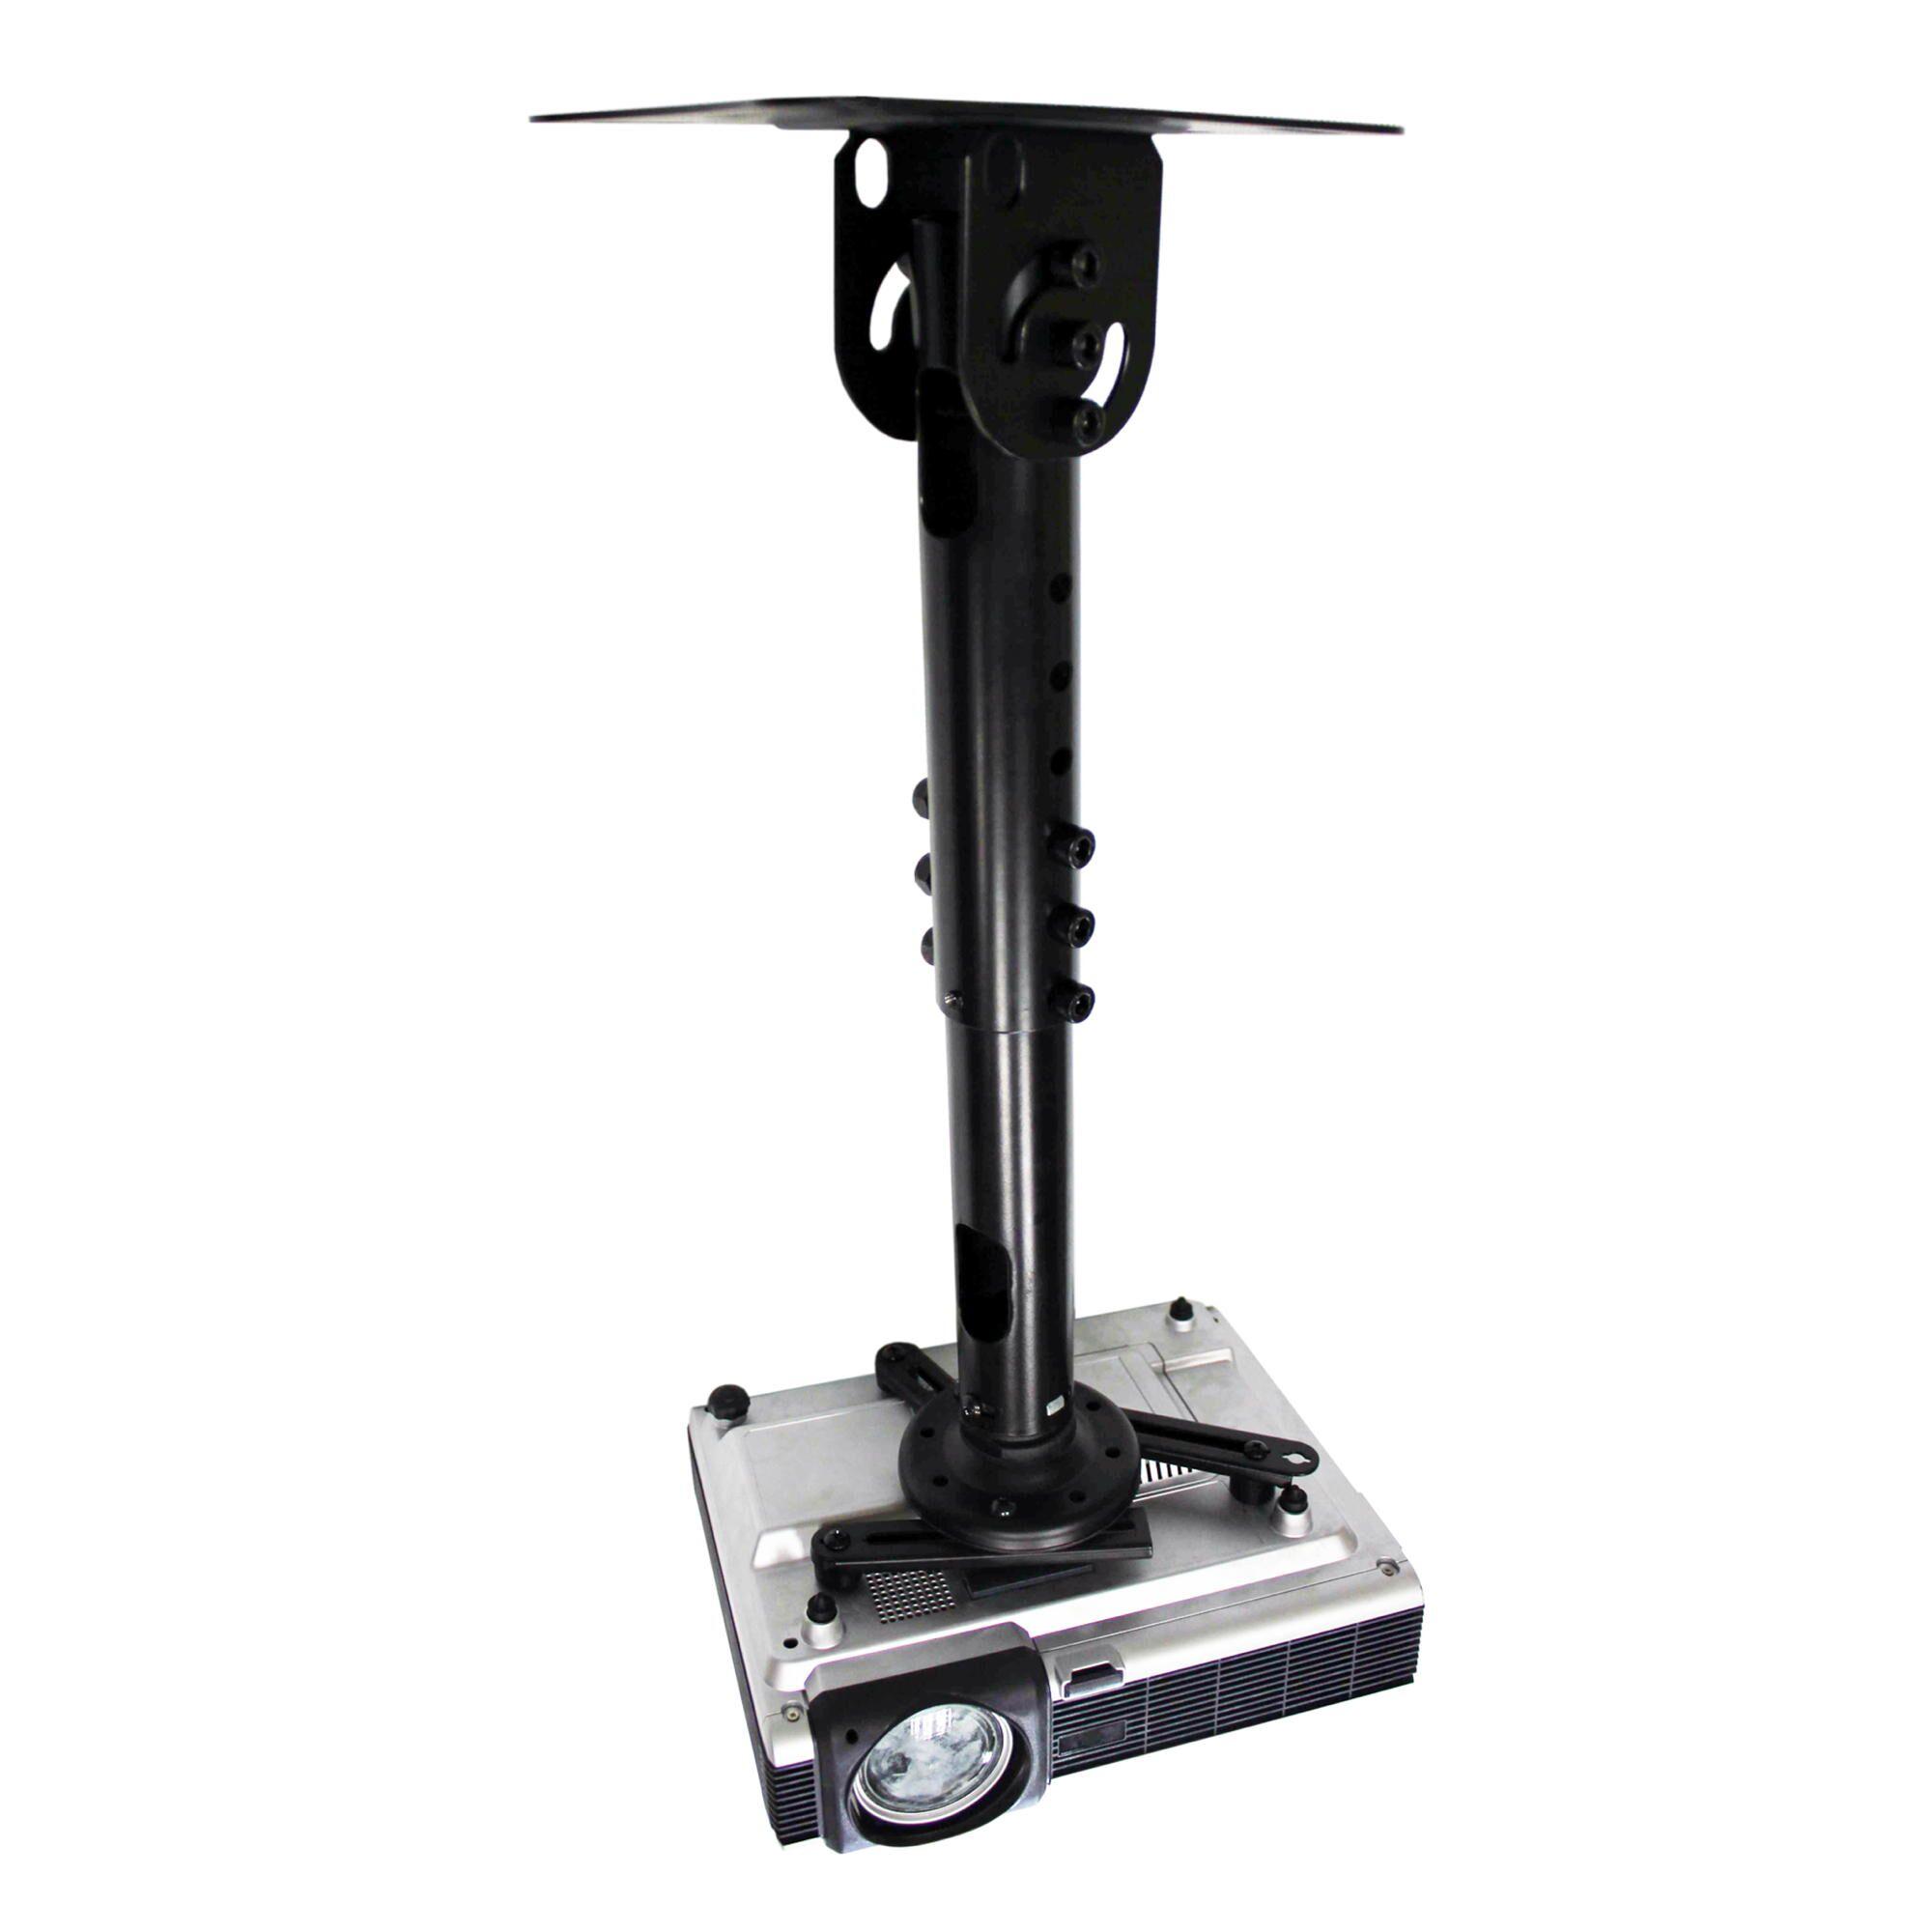 AV Universal Projector Mount